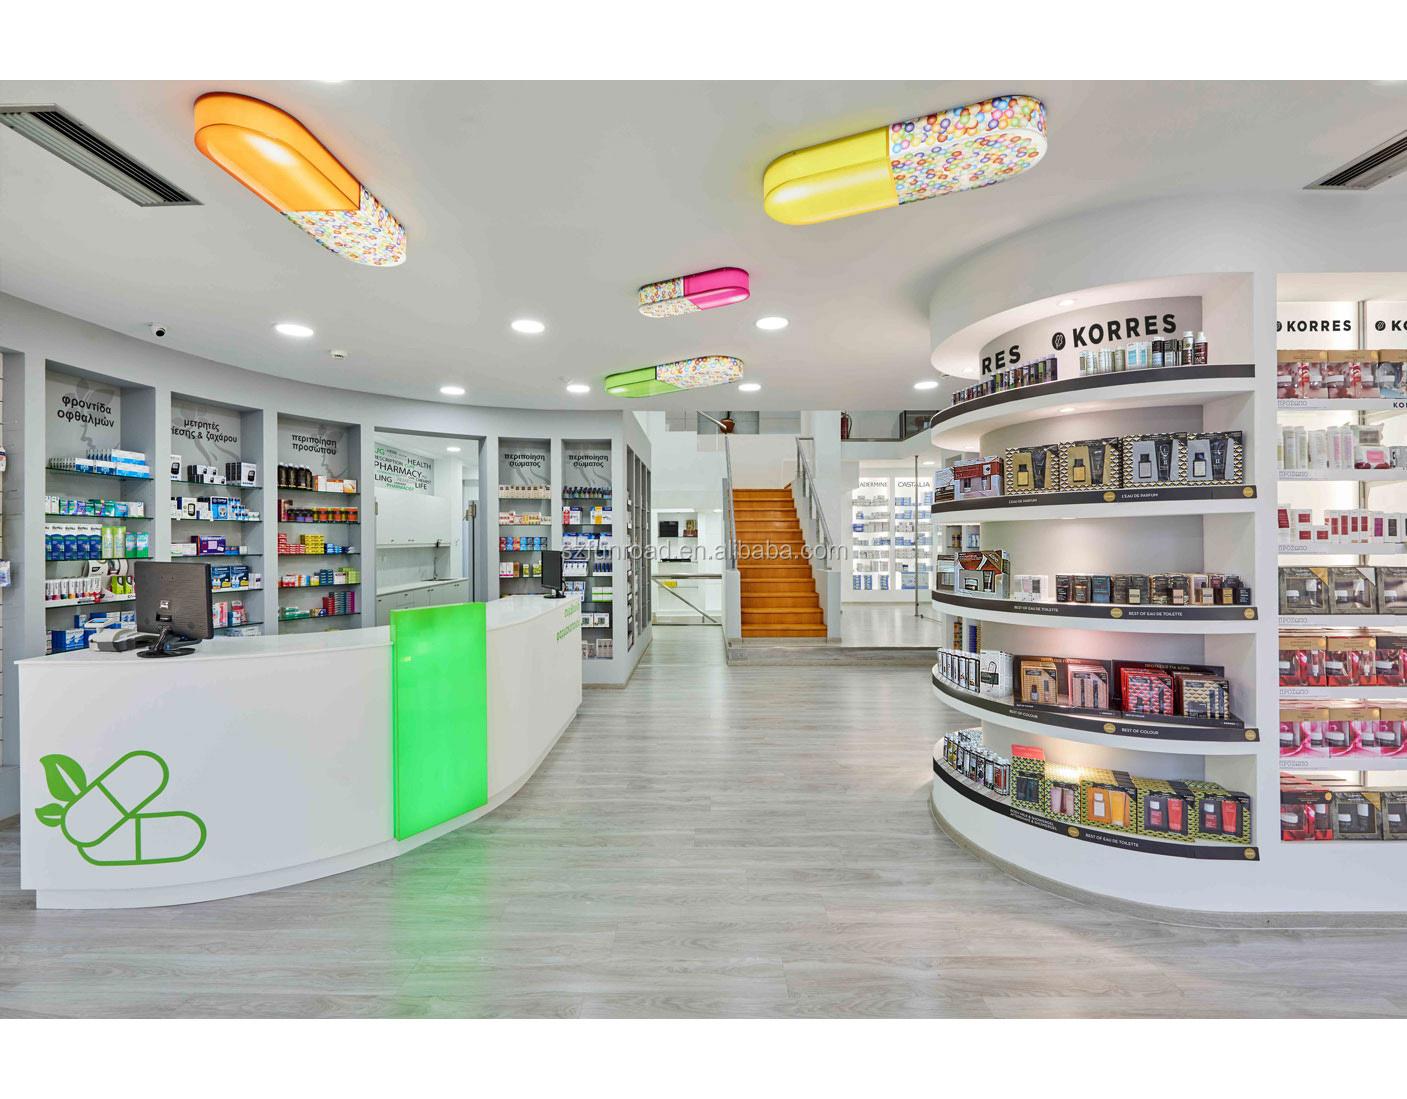 Farmacia Tienda De Muebles Con Phamarcy Estante De Exhibici N  # Muebles Farmacia